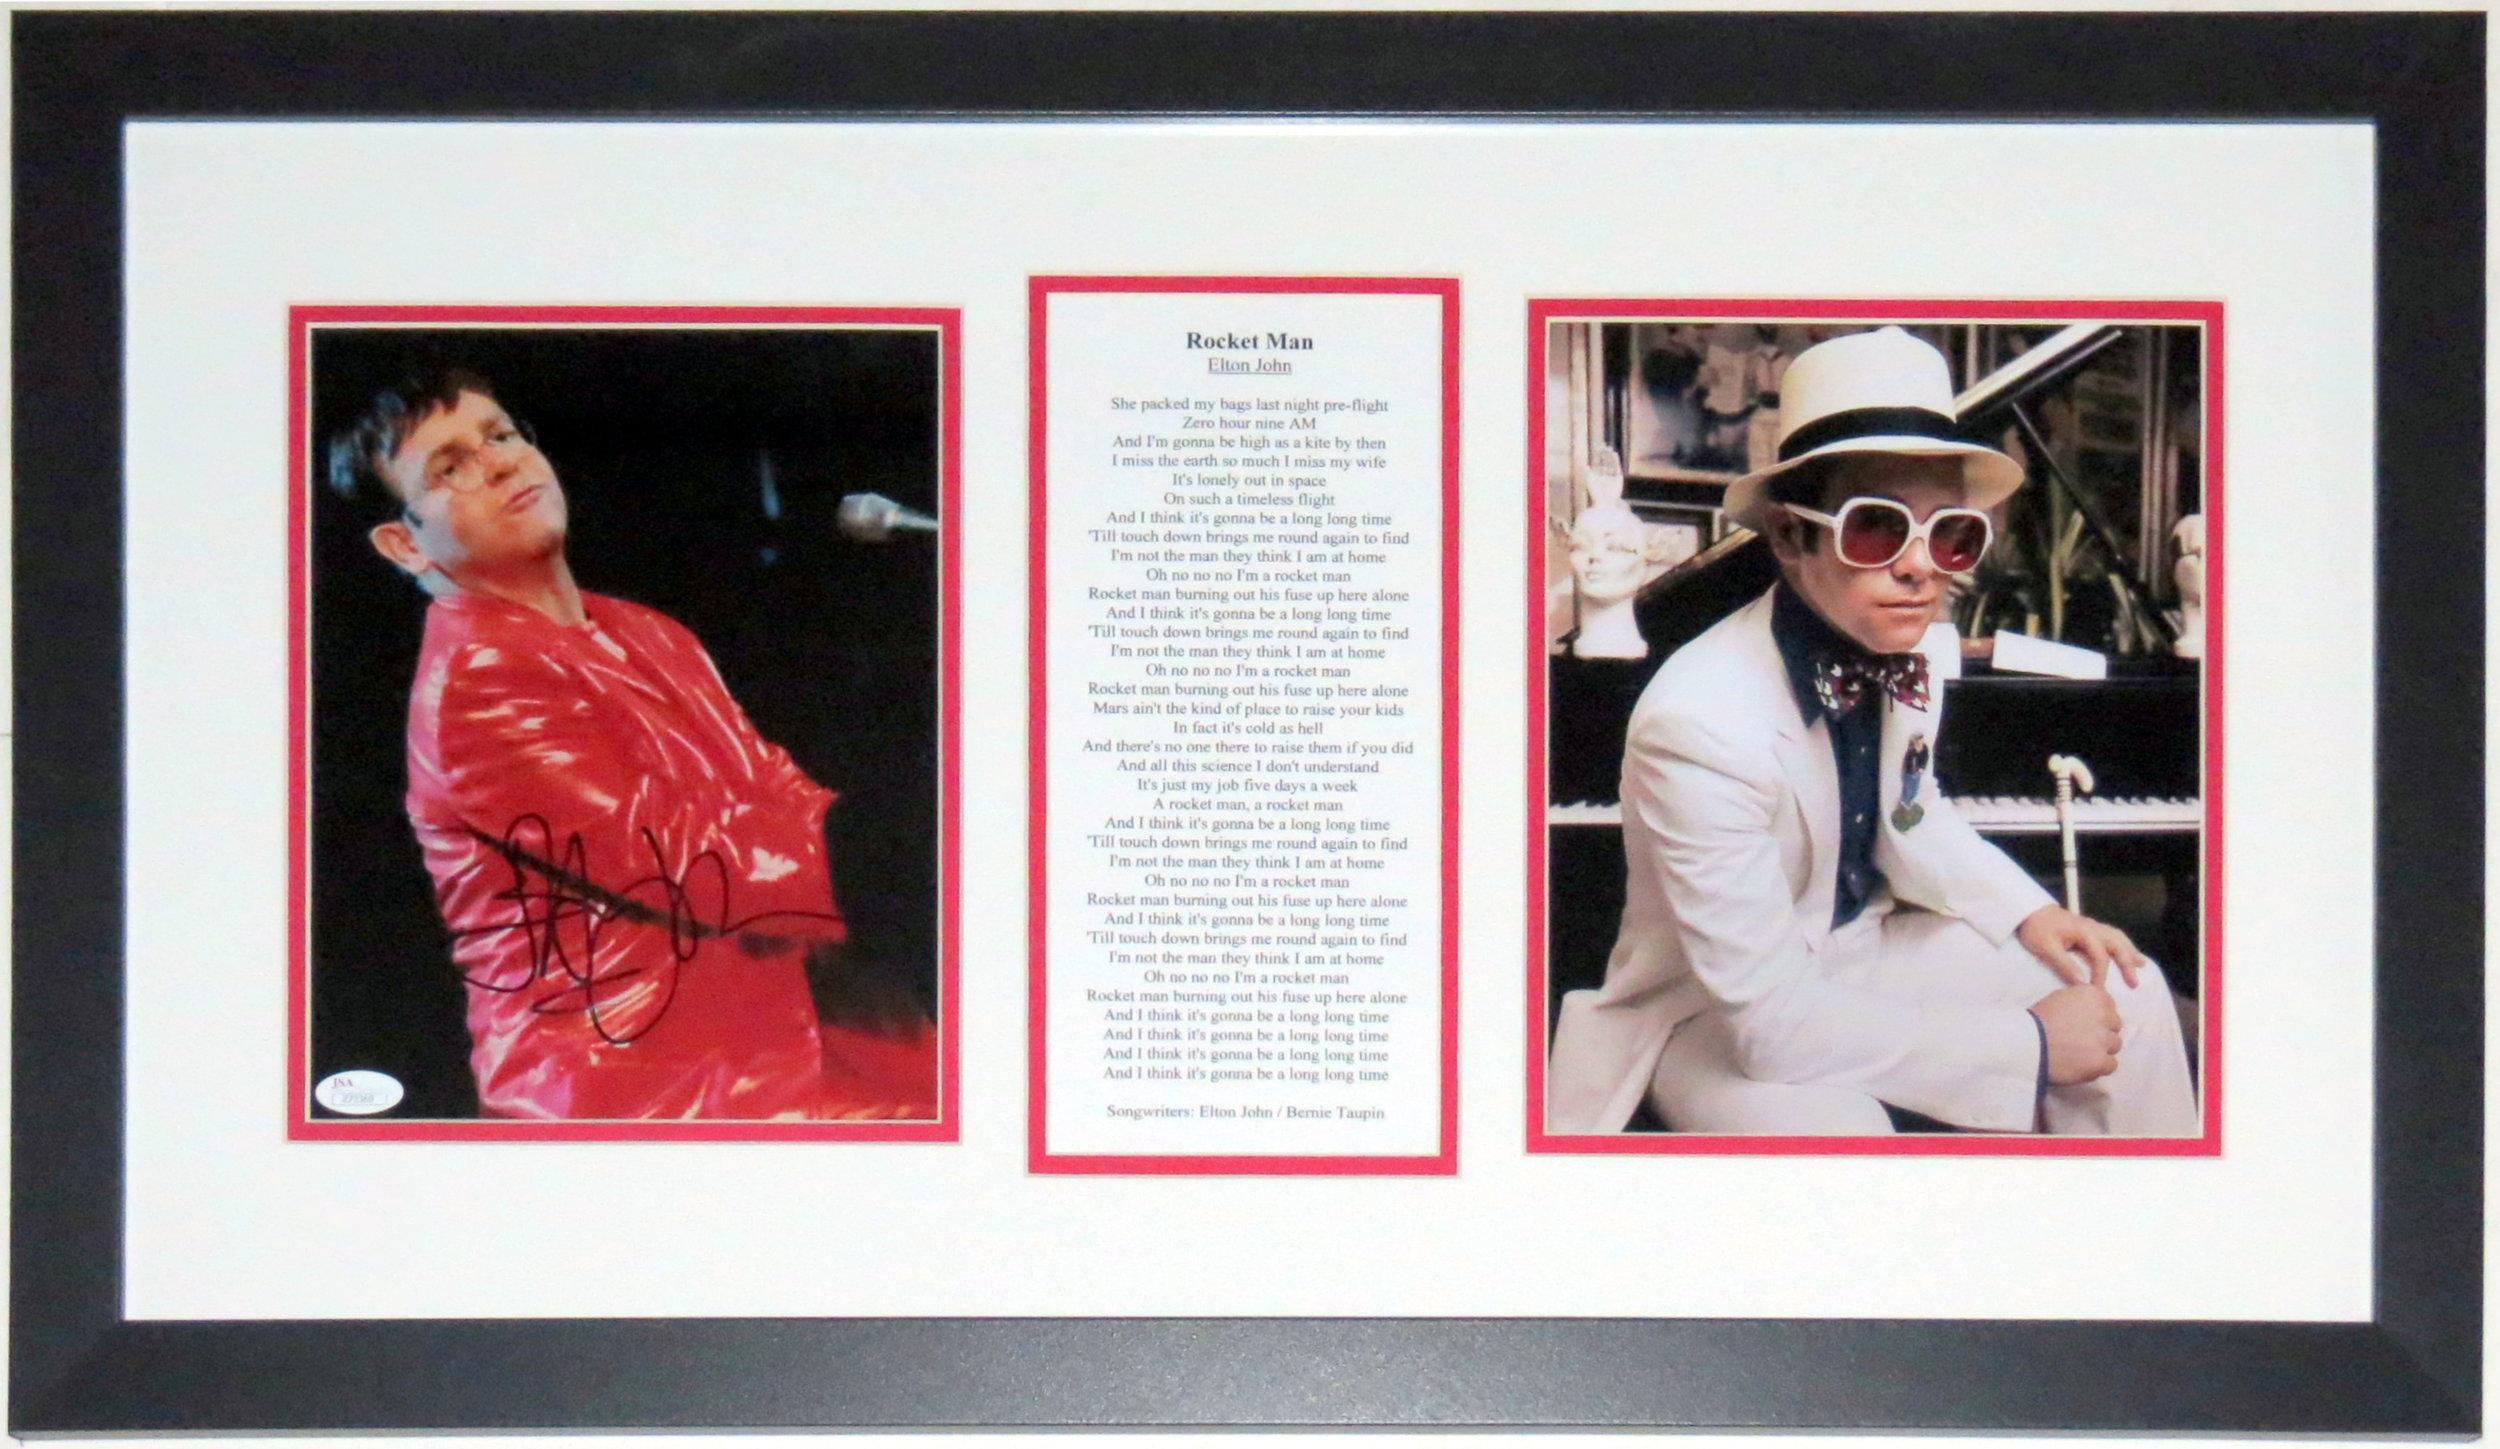 Elton John Signed Tour 8x10 Photo & Greatest Hits Album Cover & Rocket Man Lyrics - JSA COA Authenticated - Professionally Framed 32x16